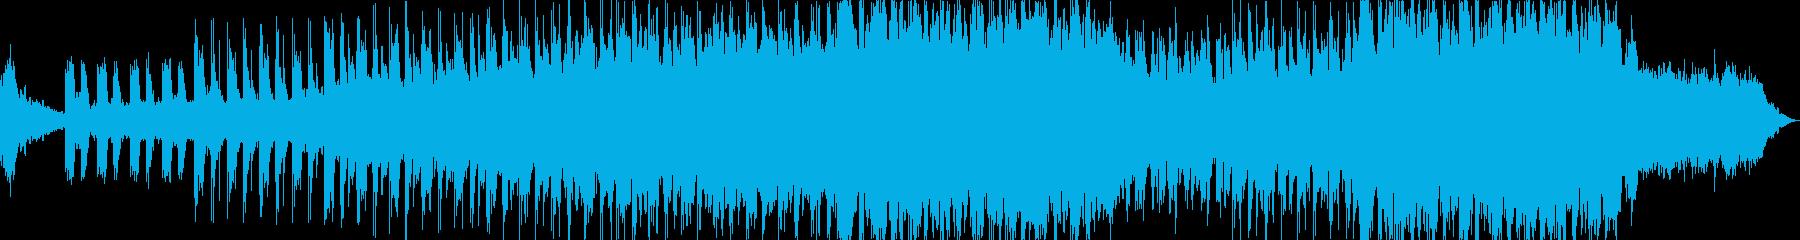 映画音楽、シネマティック映像向け-17の再生済みの波形